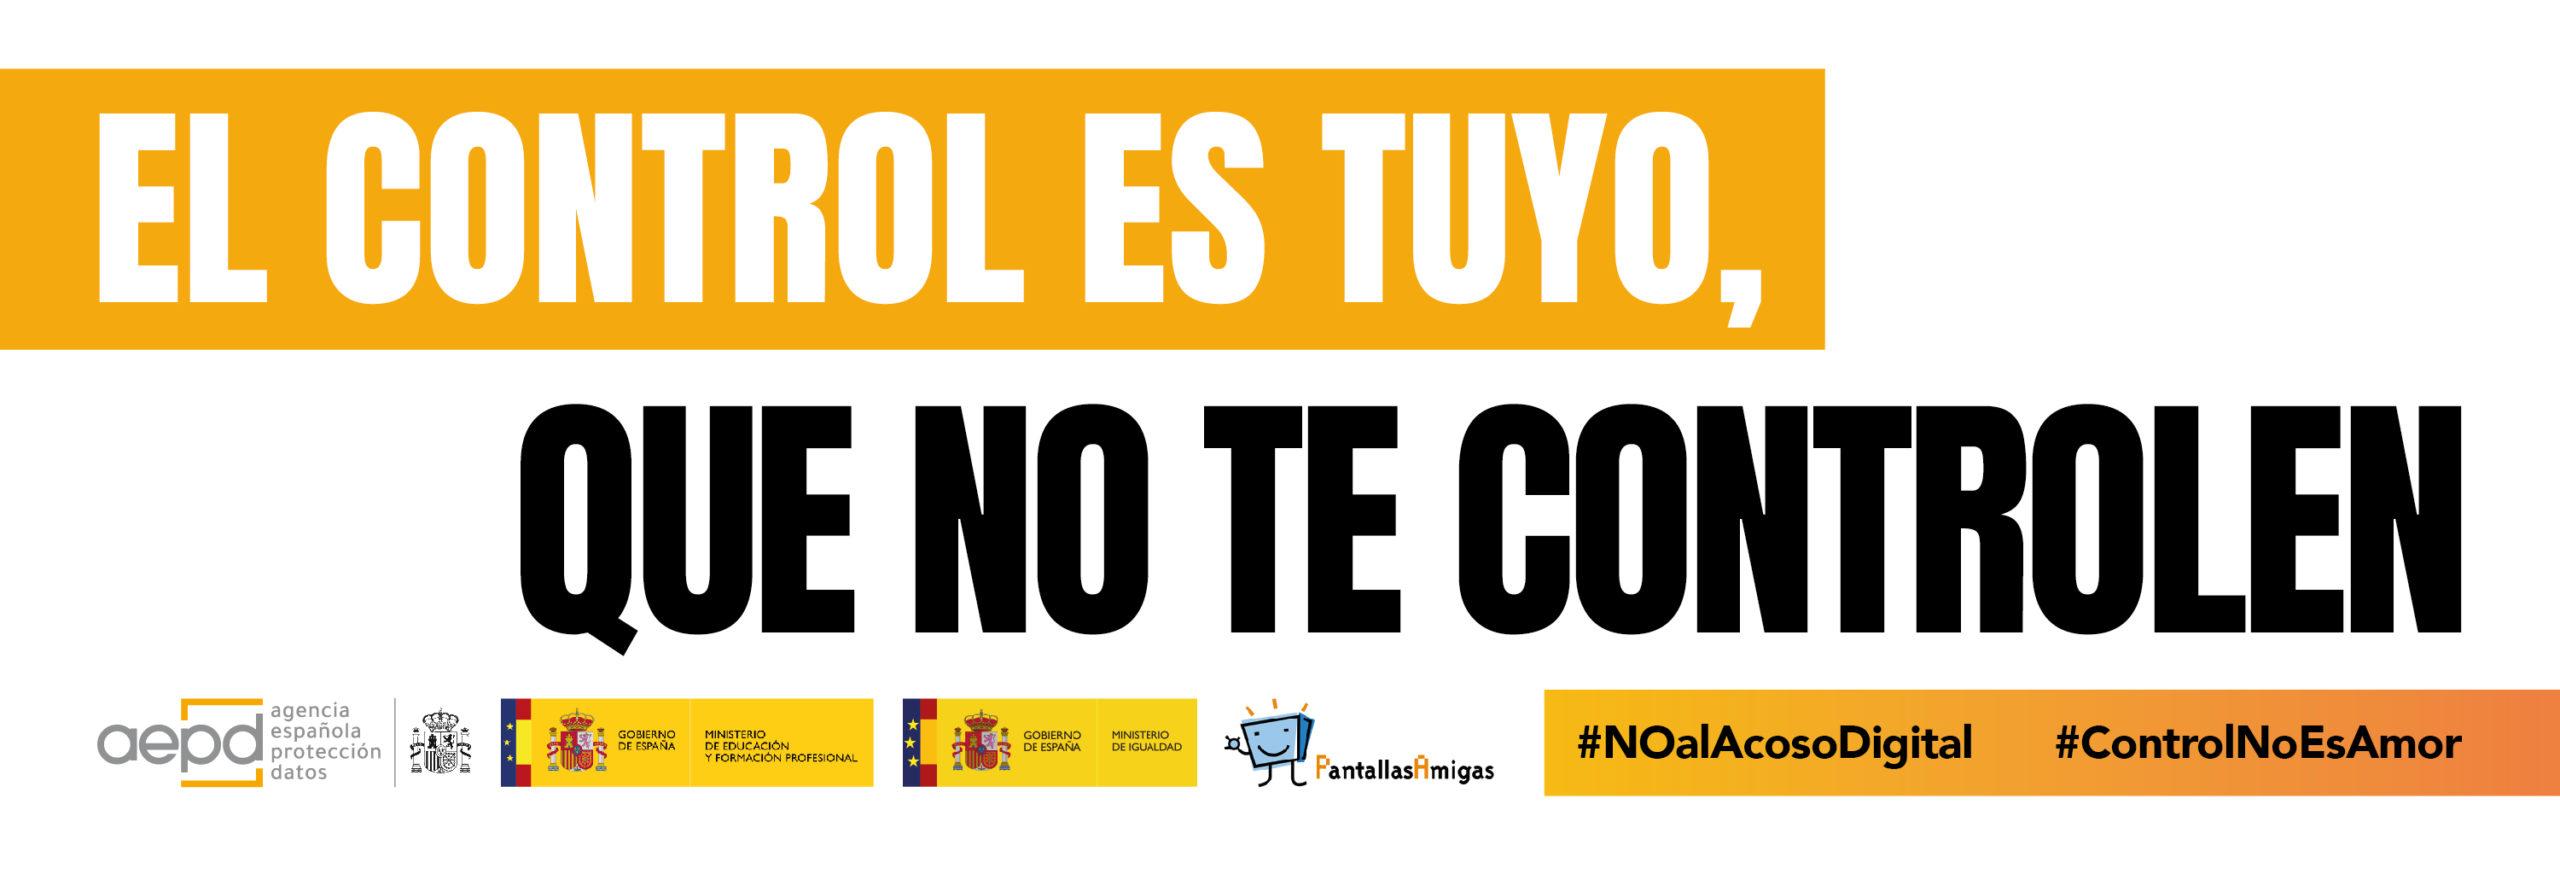 La AEPD y los ministerios de Educación e Igualdad, junto a PantallasAmigas, ponen en marcha la campaña 'El control es tuyo, que no te controlen'